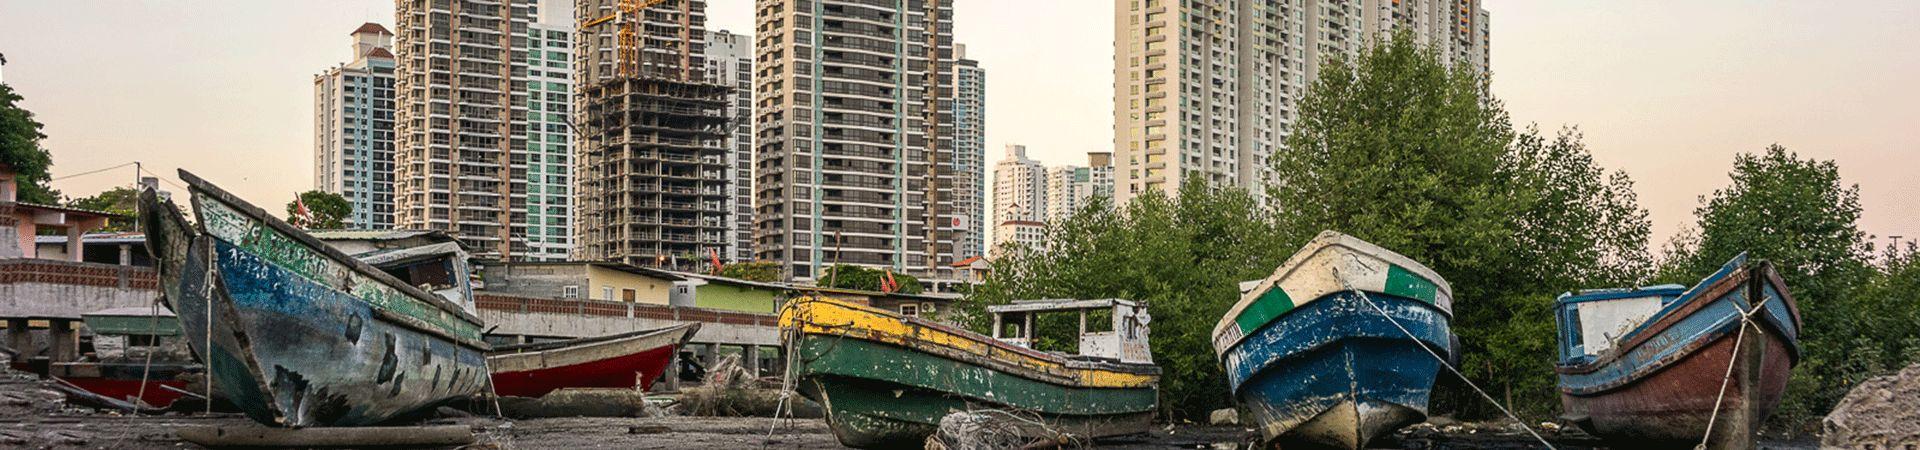 Closer. Barcas de pesca y rascacielos 2014 Panama City. José María Mellado